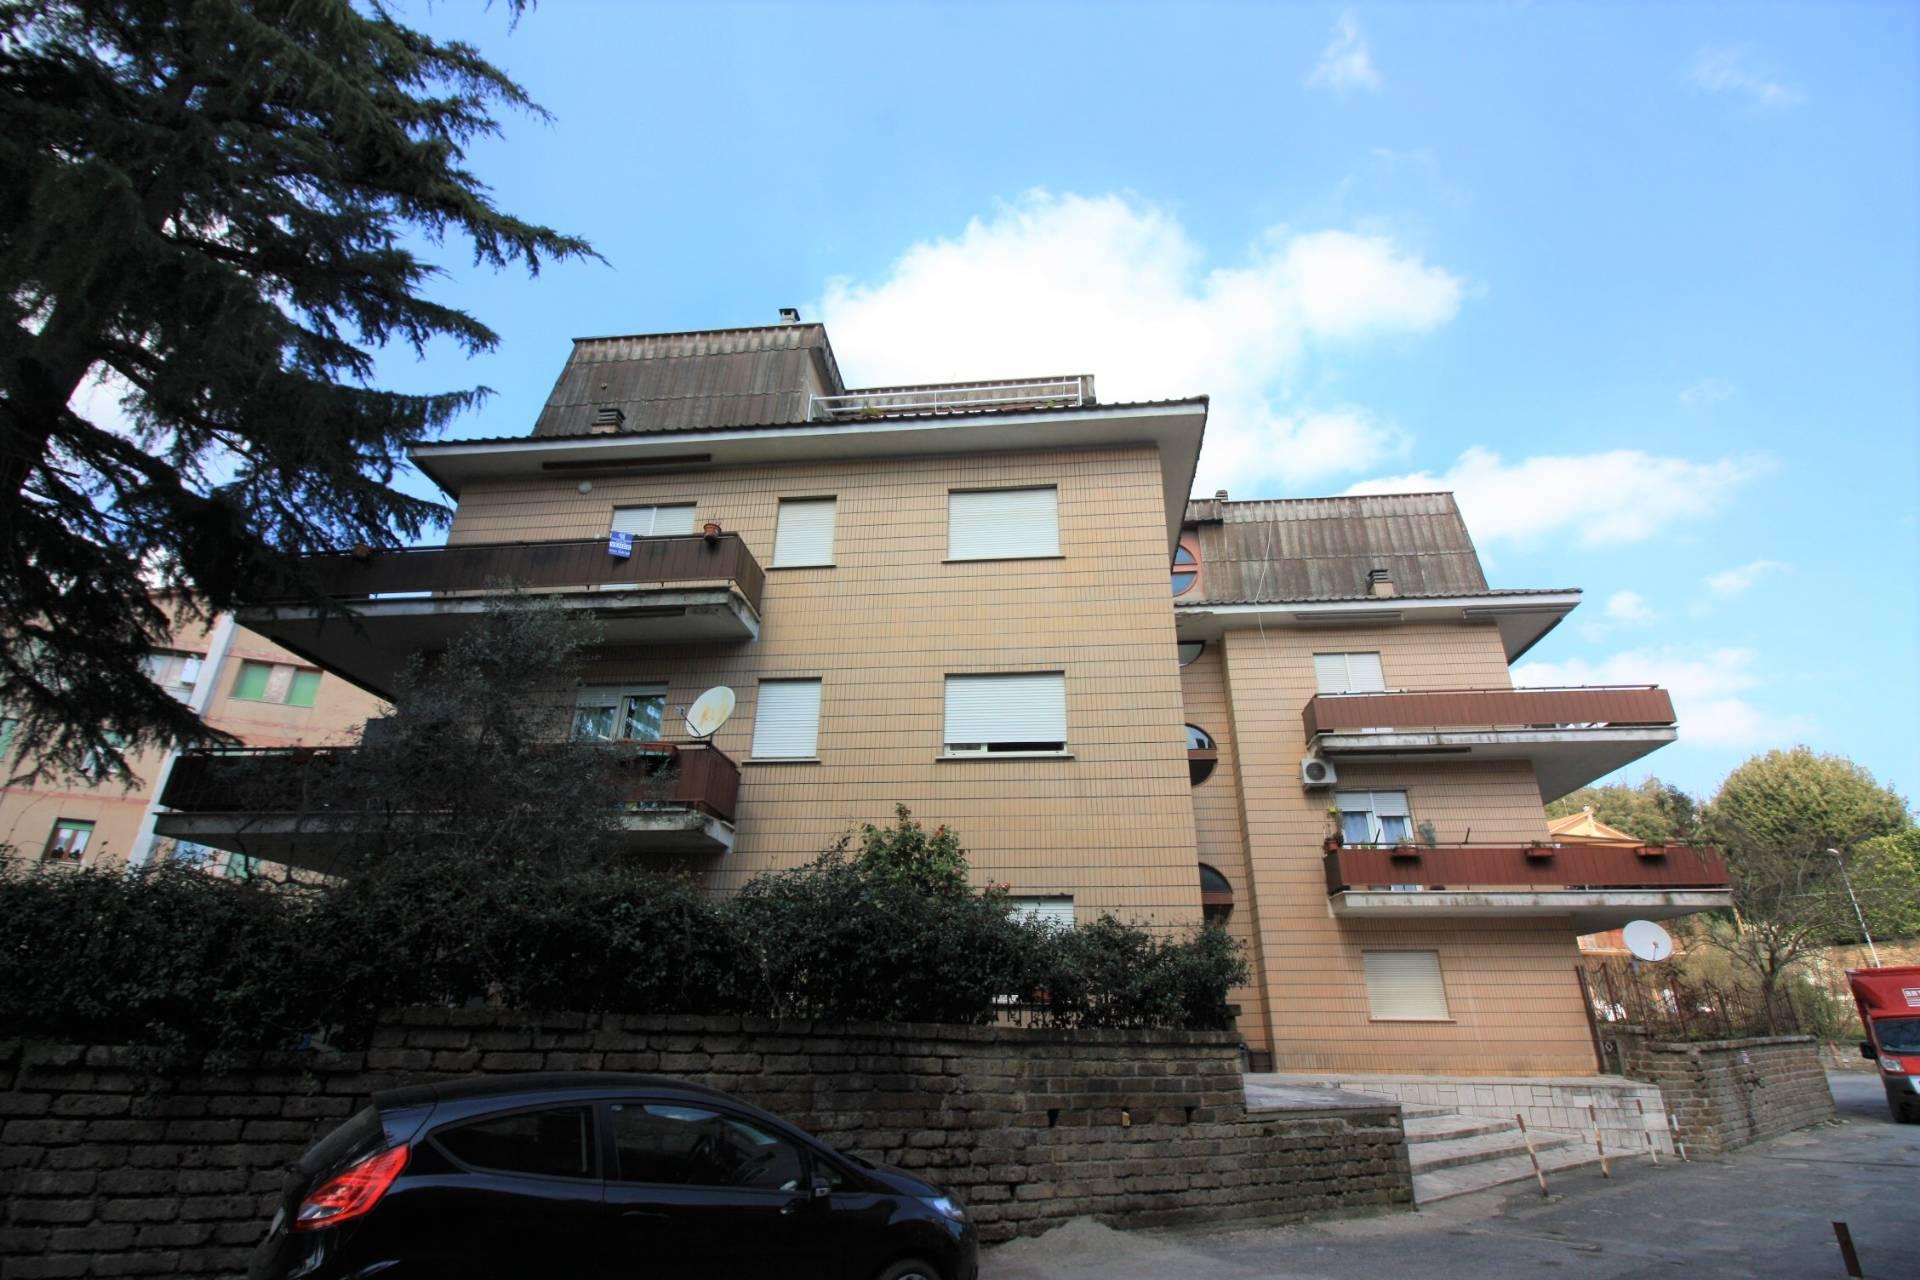 Appartamento in vendita a Ronciglione, 5 locali, zona Località: semi-centrale, prezzo € 78.000 | CambioCasa.it